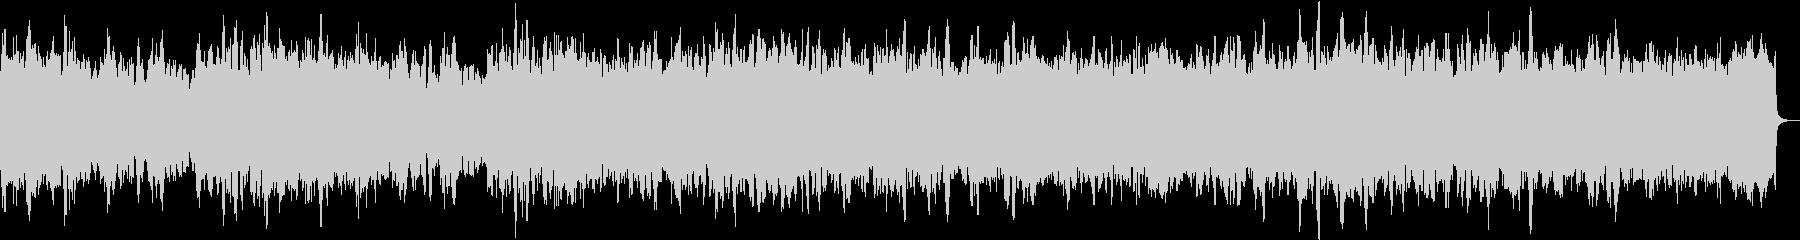 G線上のアリア パイプオルガン演奏の未再生の波形